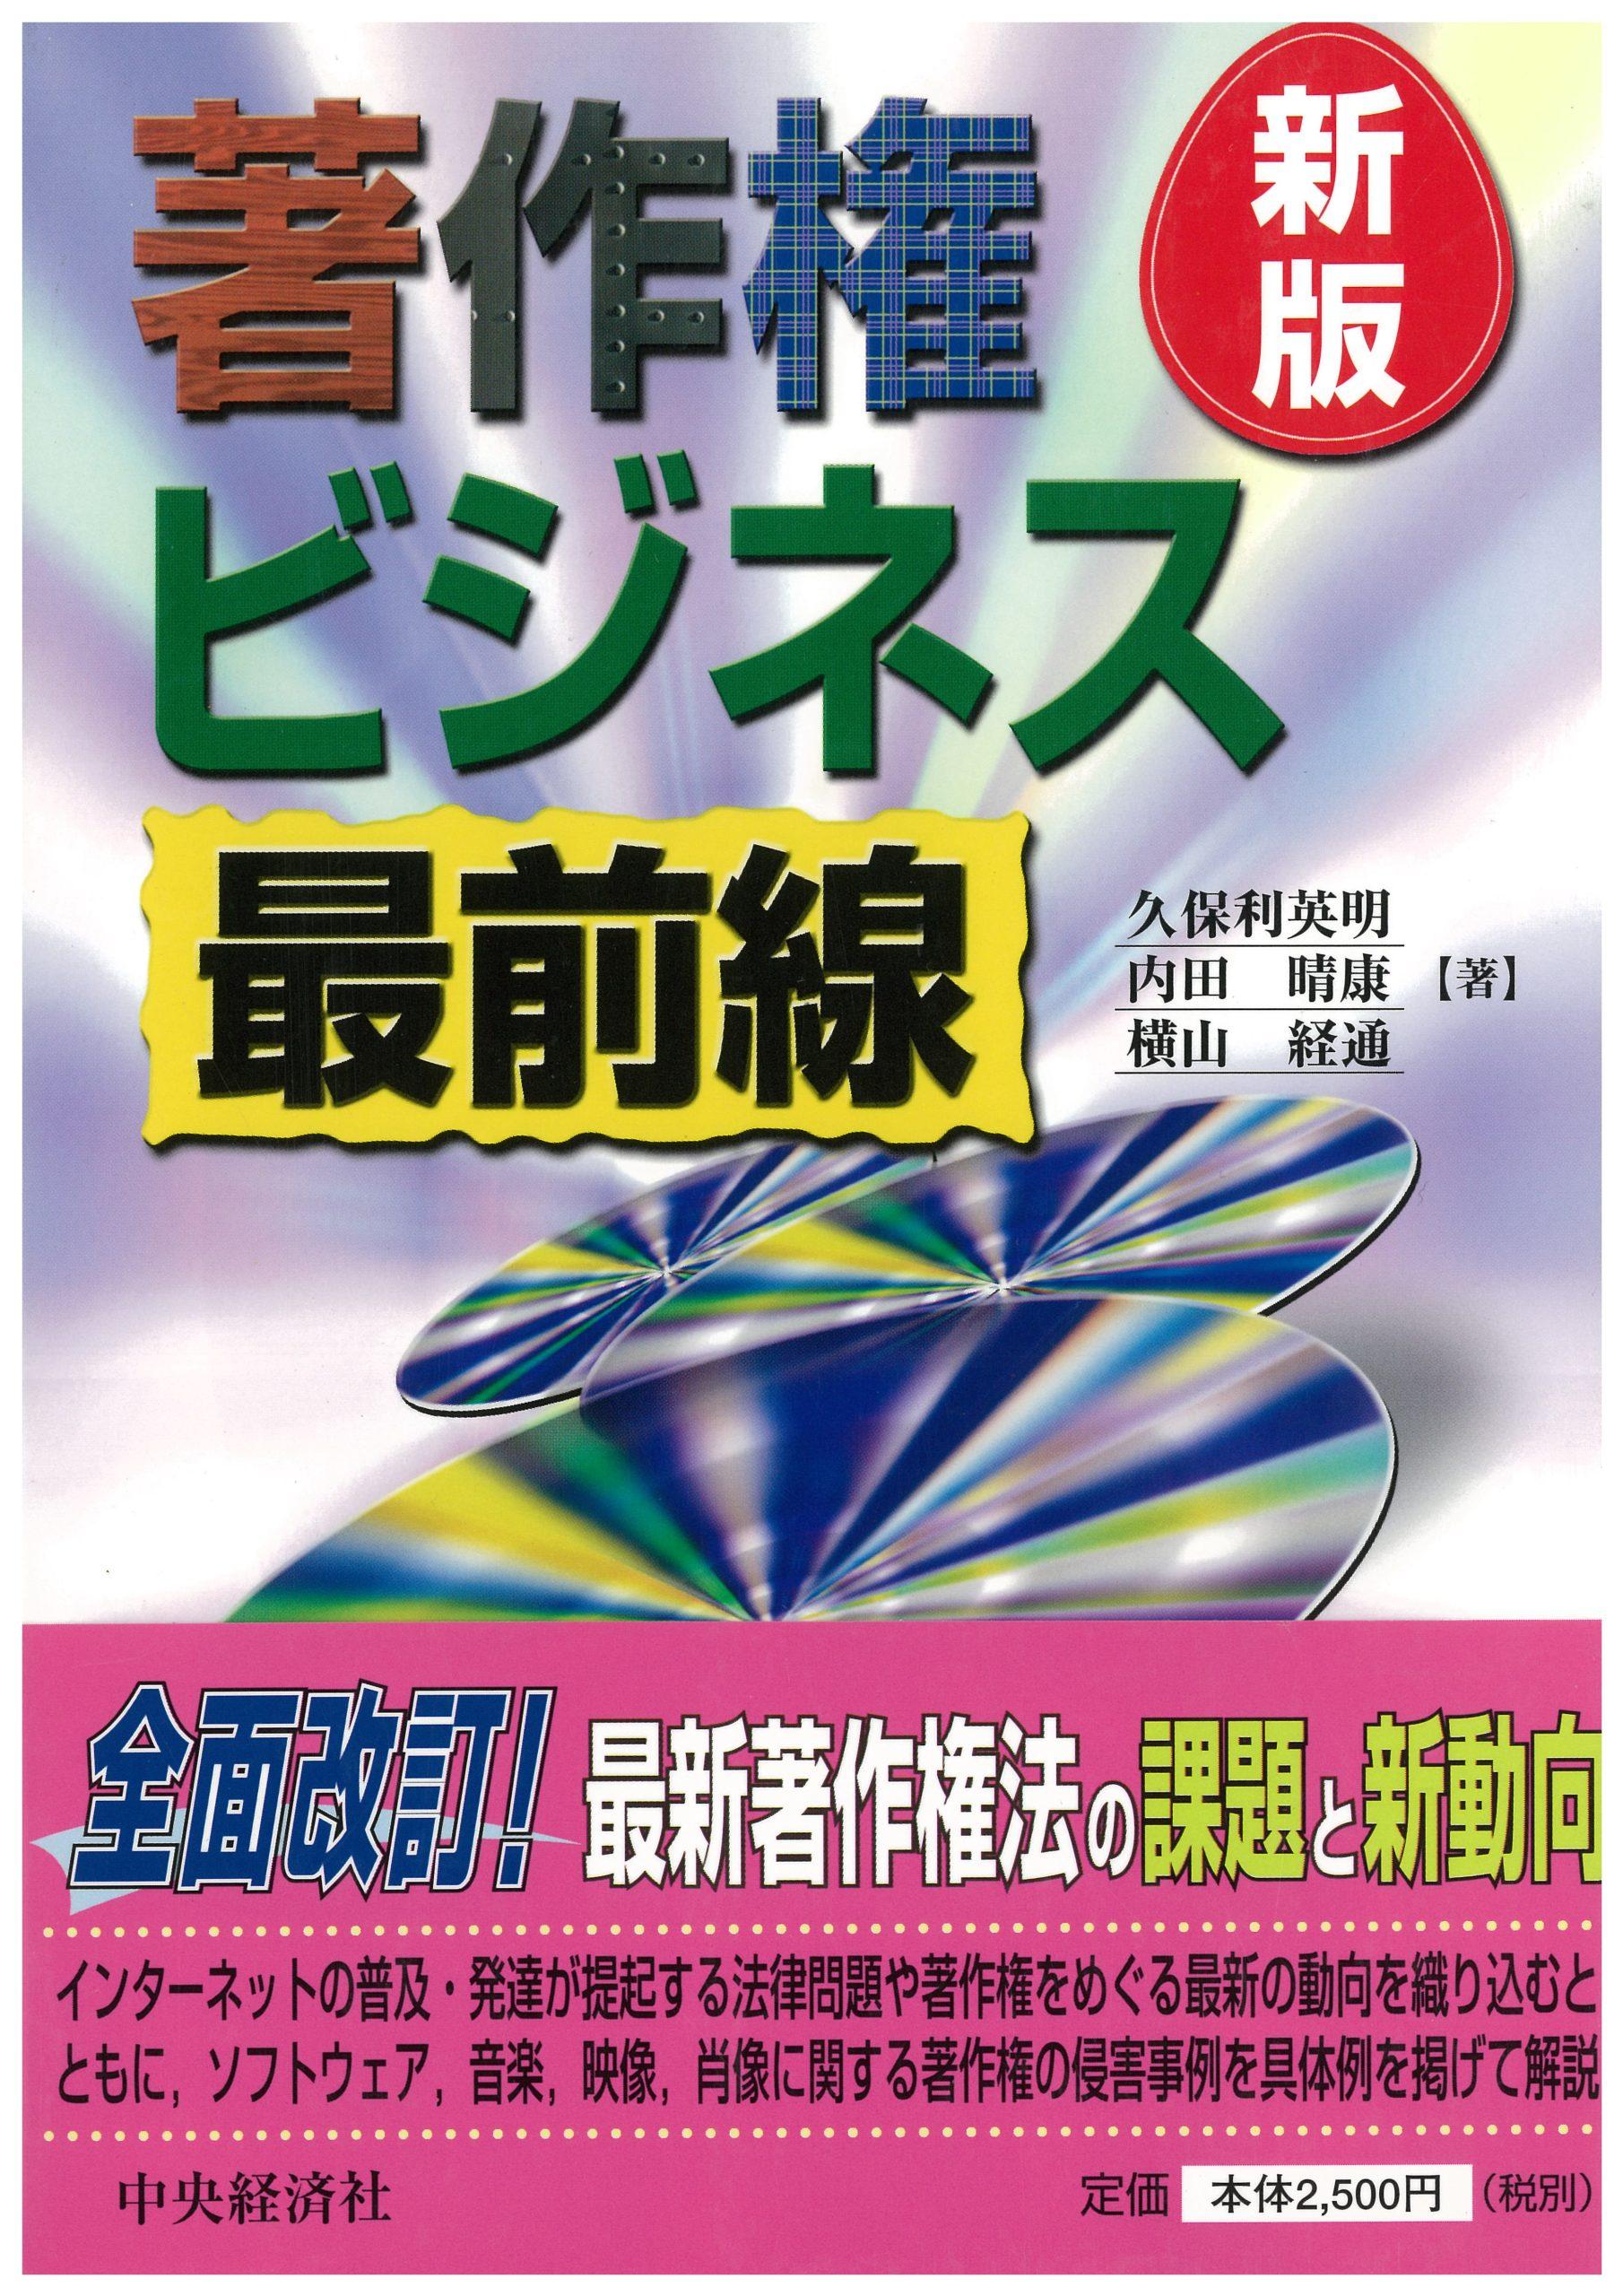 中央経済社   2003年1月 初版、2005年10月 2版、2007年7月 3版